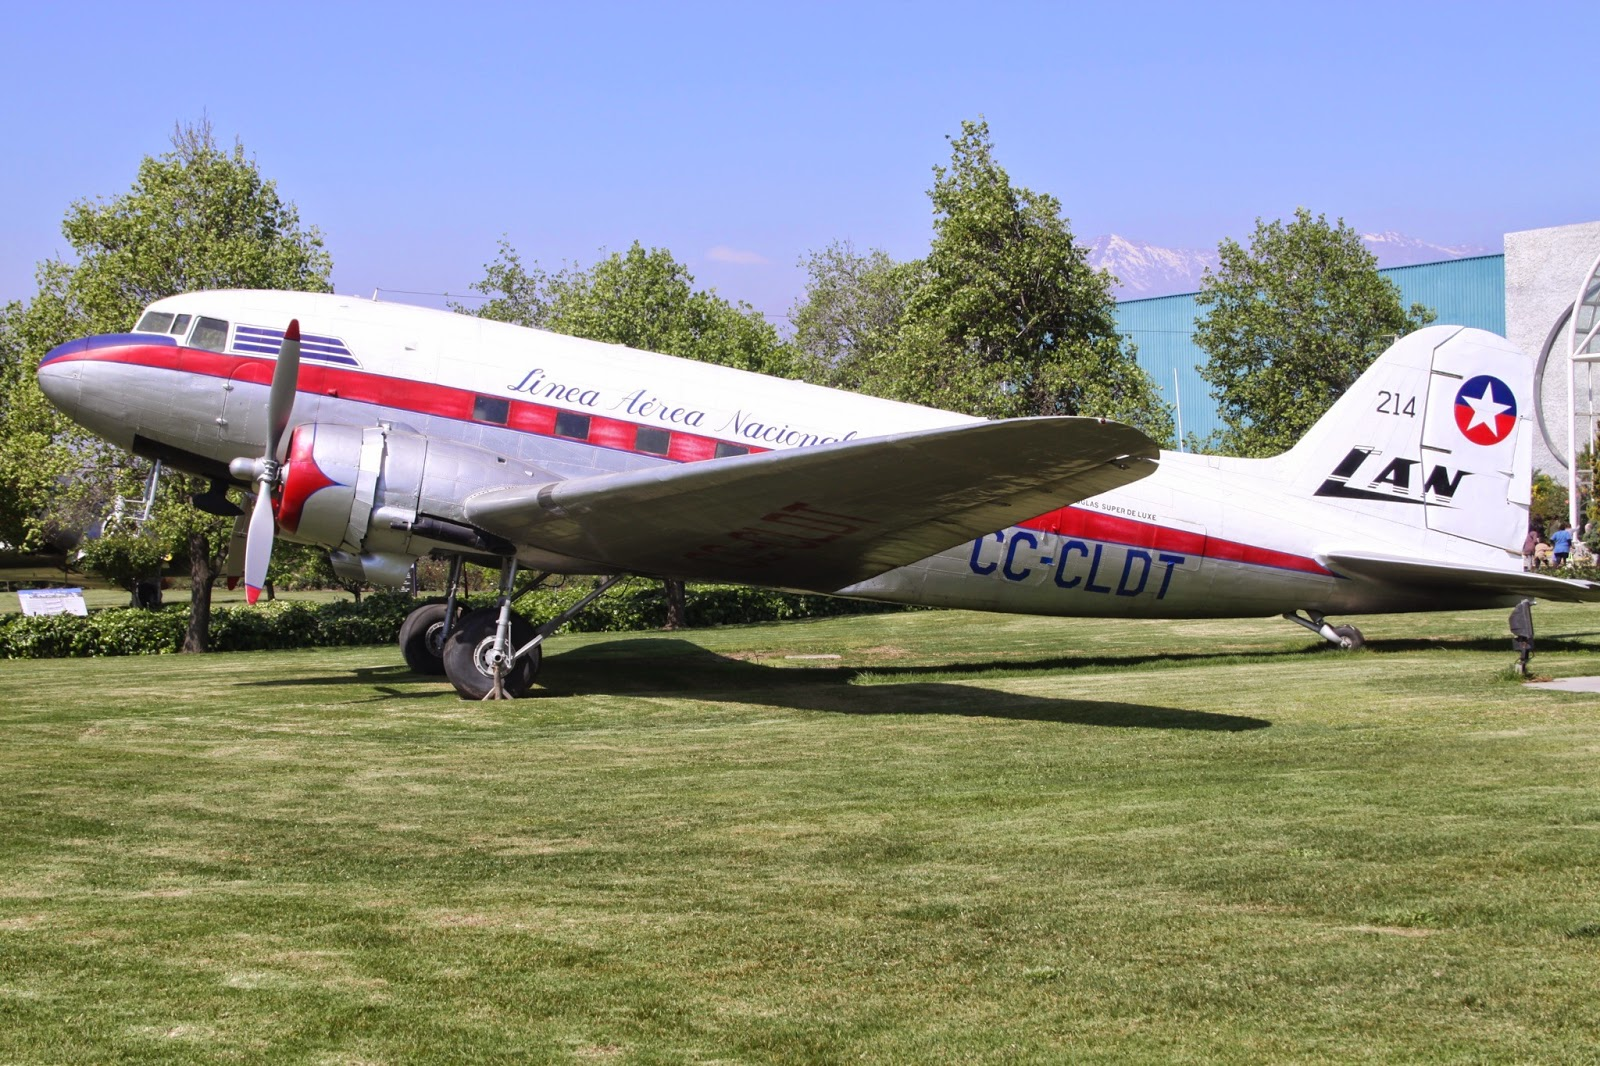 Aereo Privato Ac Dc : Aerei aereo scomparso trovato dopo anni